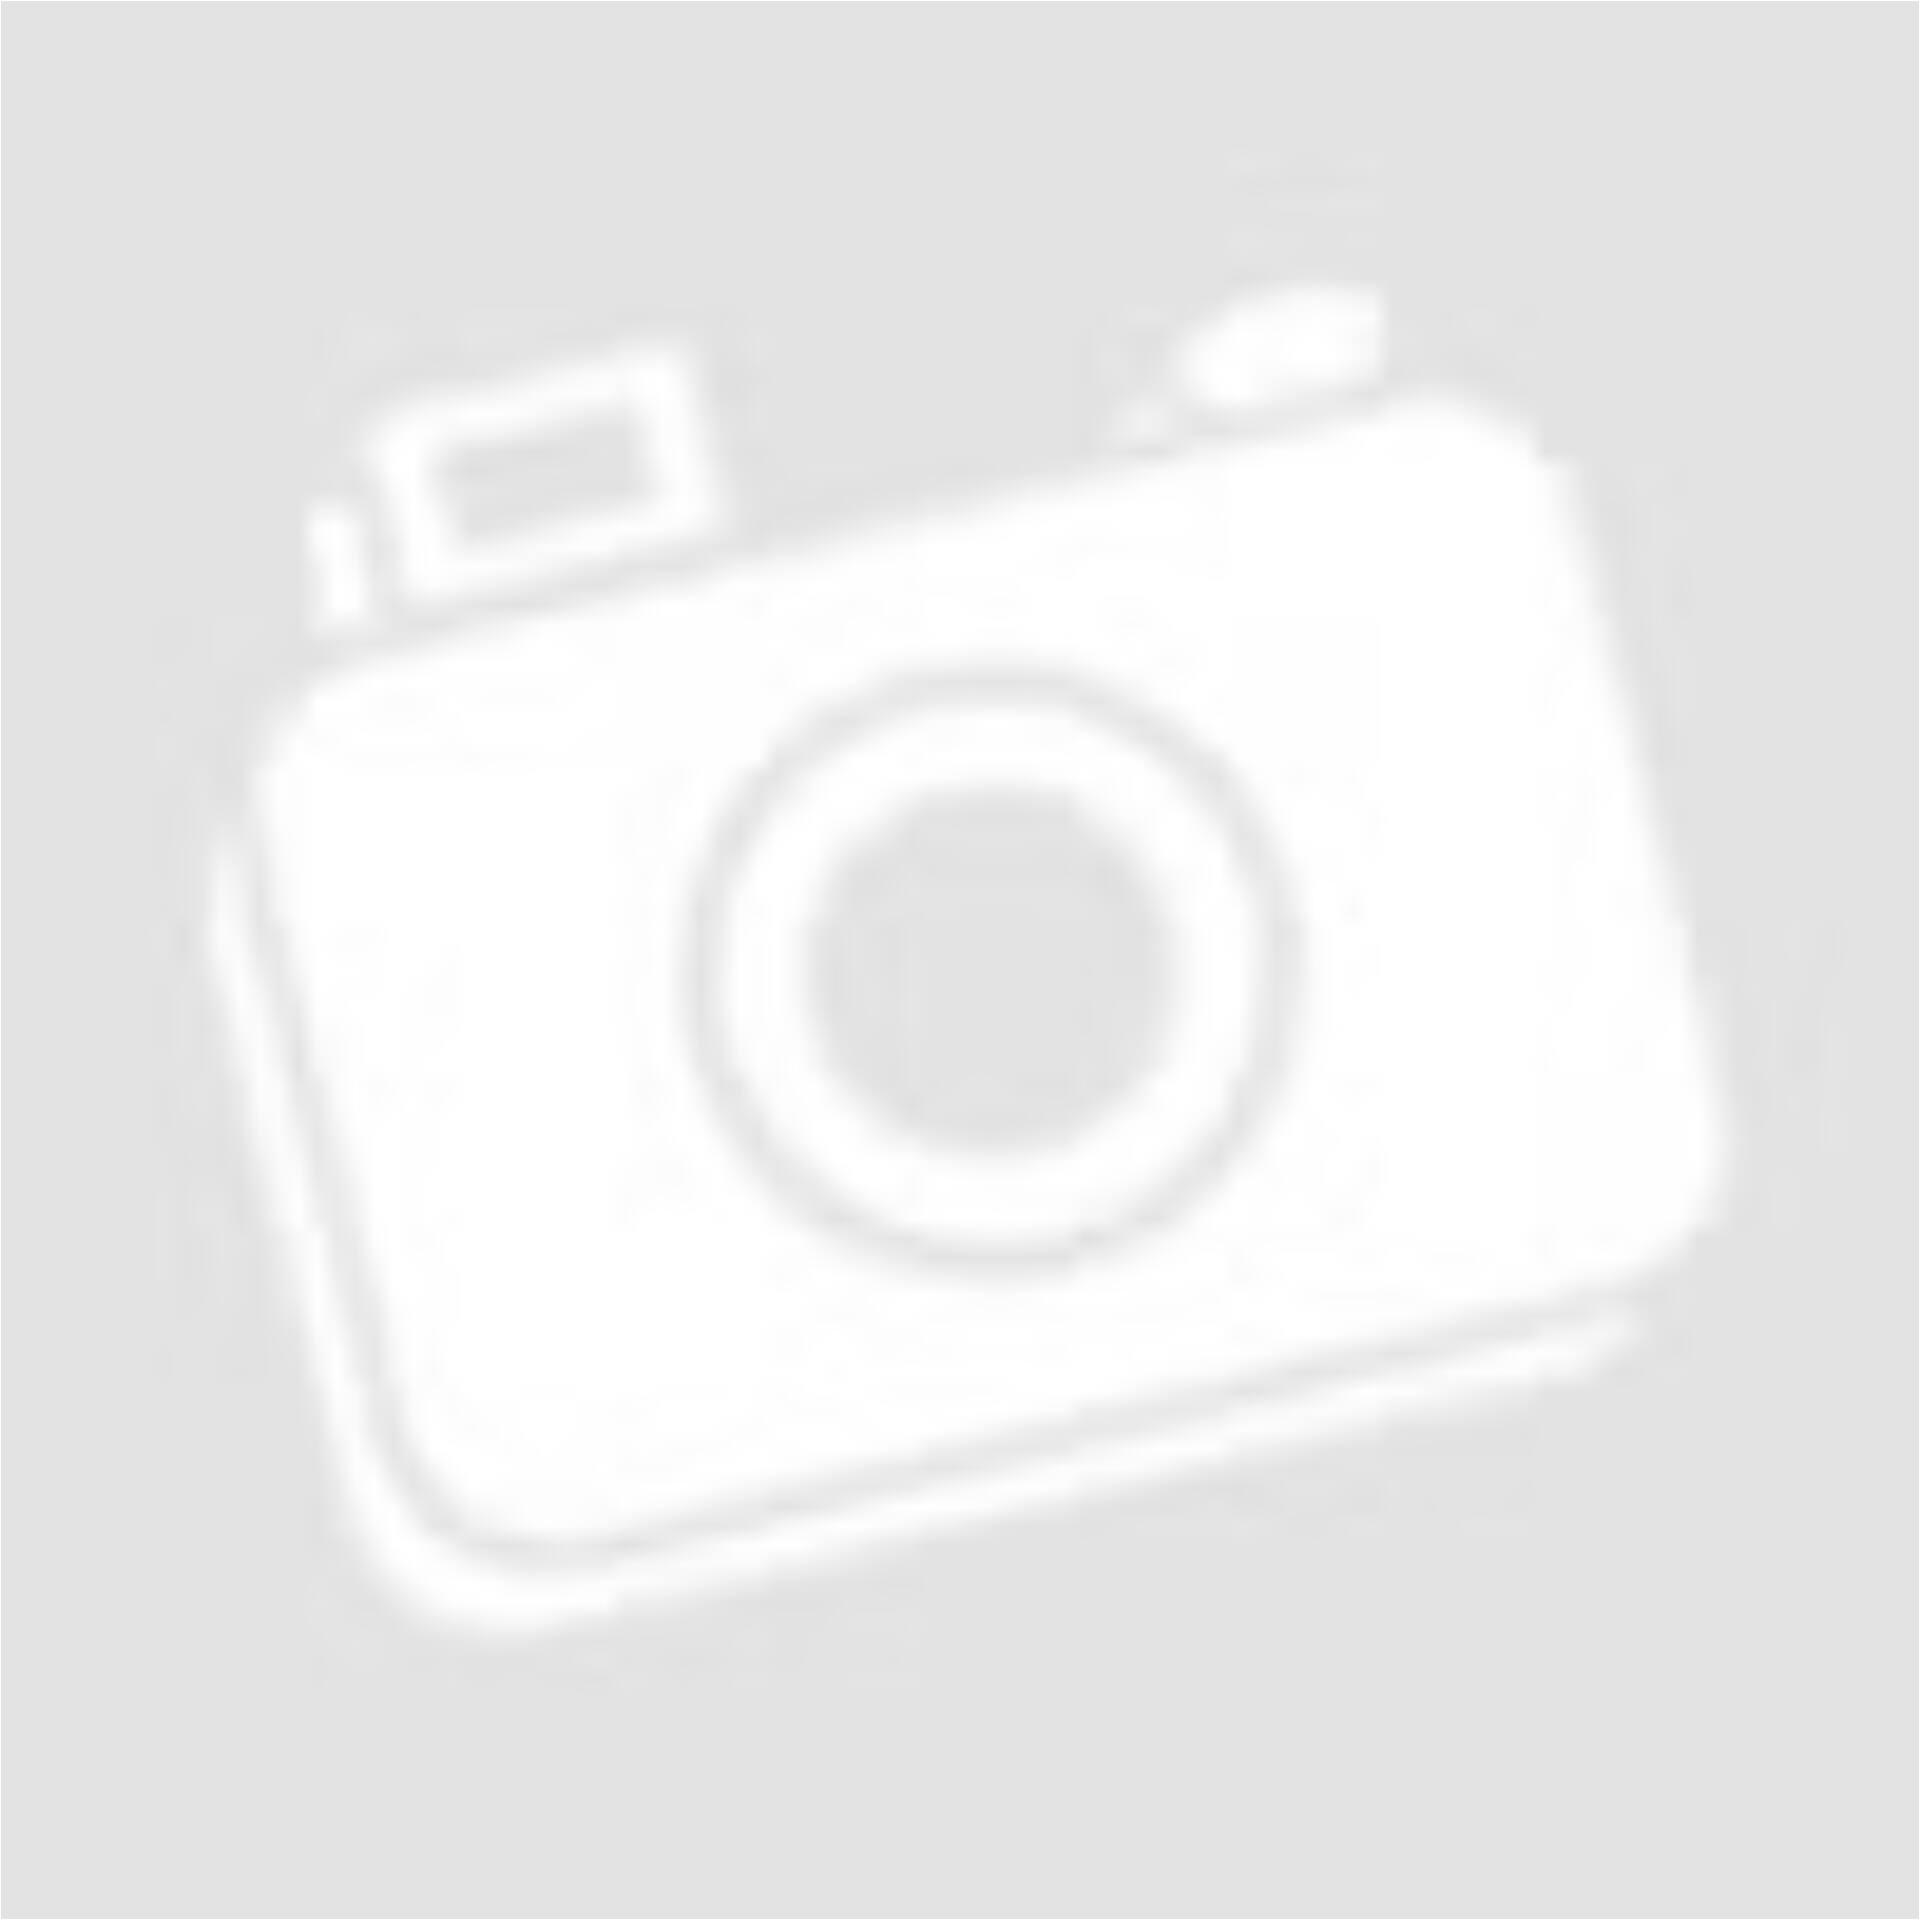 lila sz n grand step shoes m ret 40 n i cip k. Black Bedroom Furniture Sets. Home Design Ideas